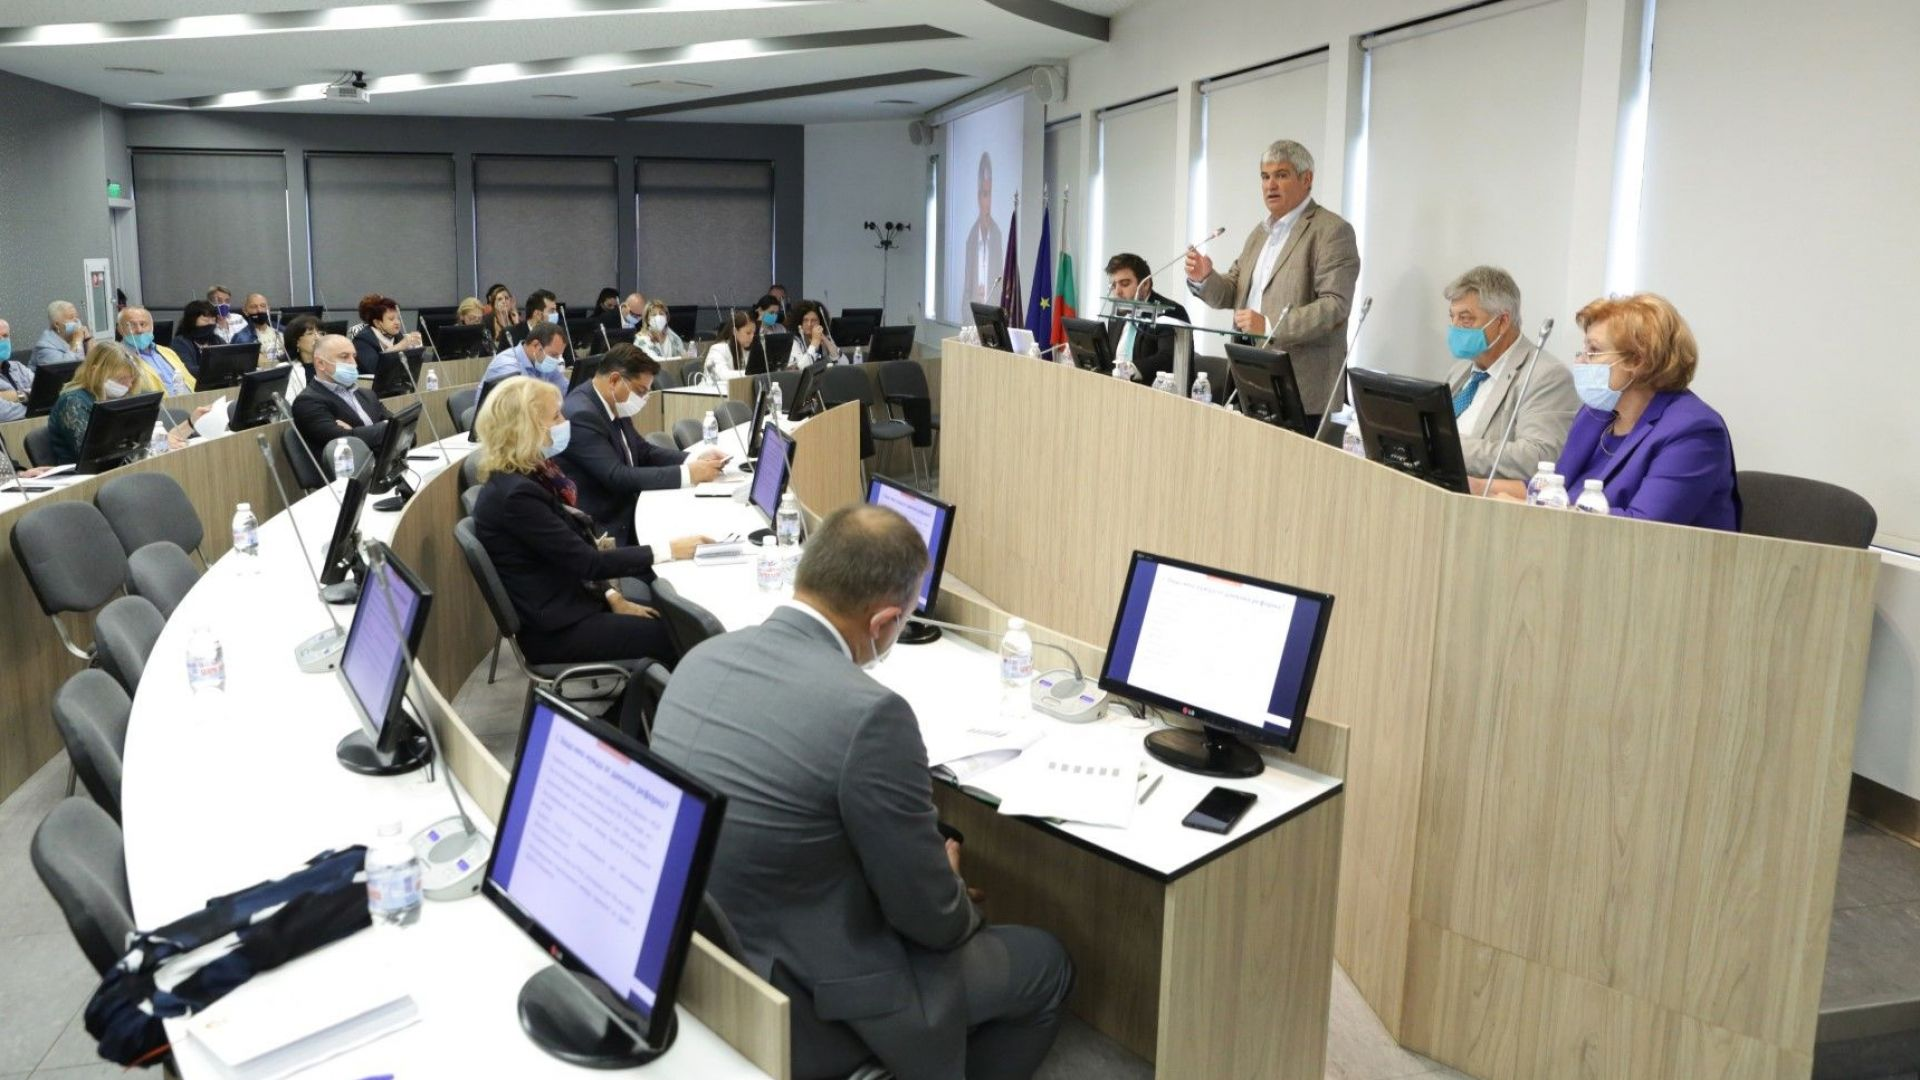 5% българи държат ресурс за 23 млрд. лв.: каква ревизия на данъците лансира КНСБ